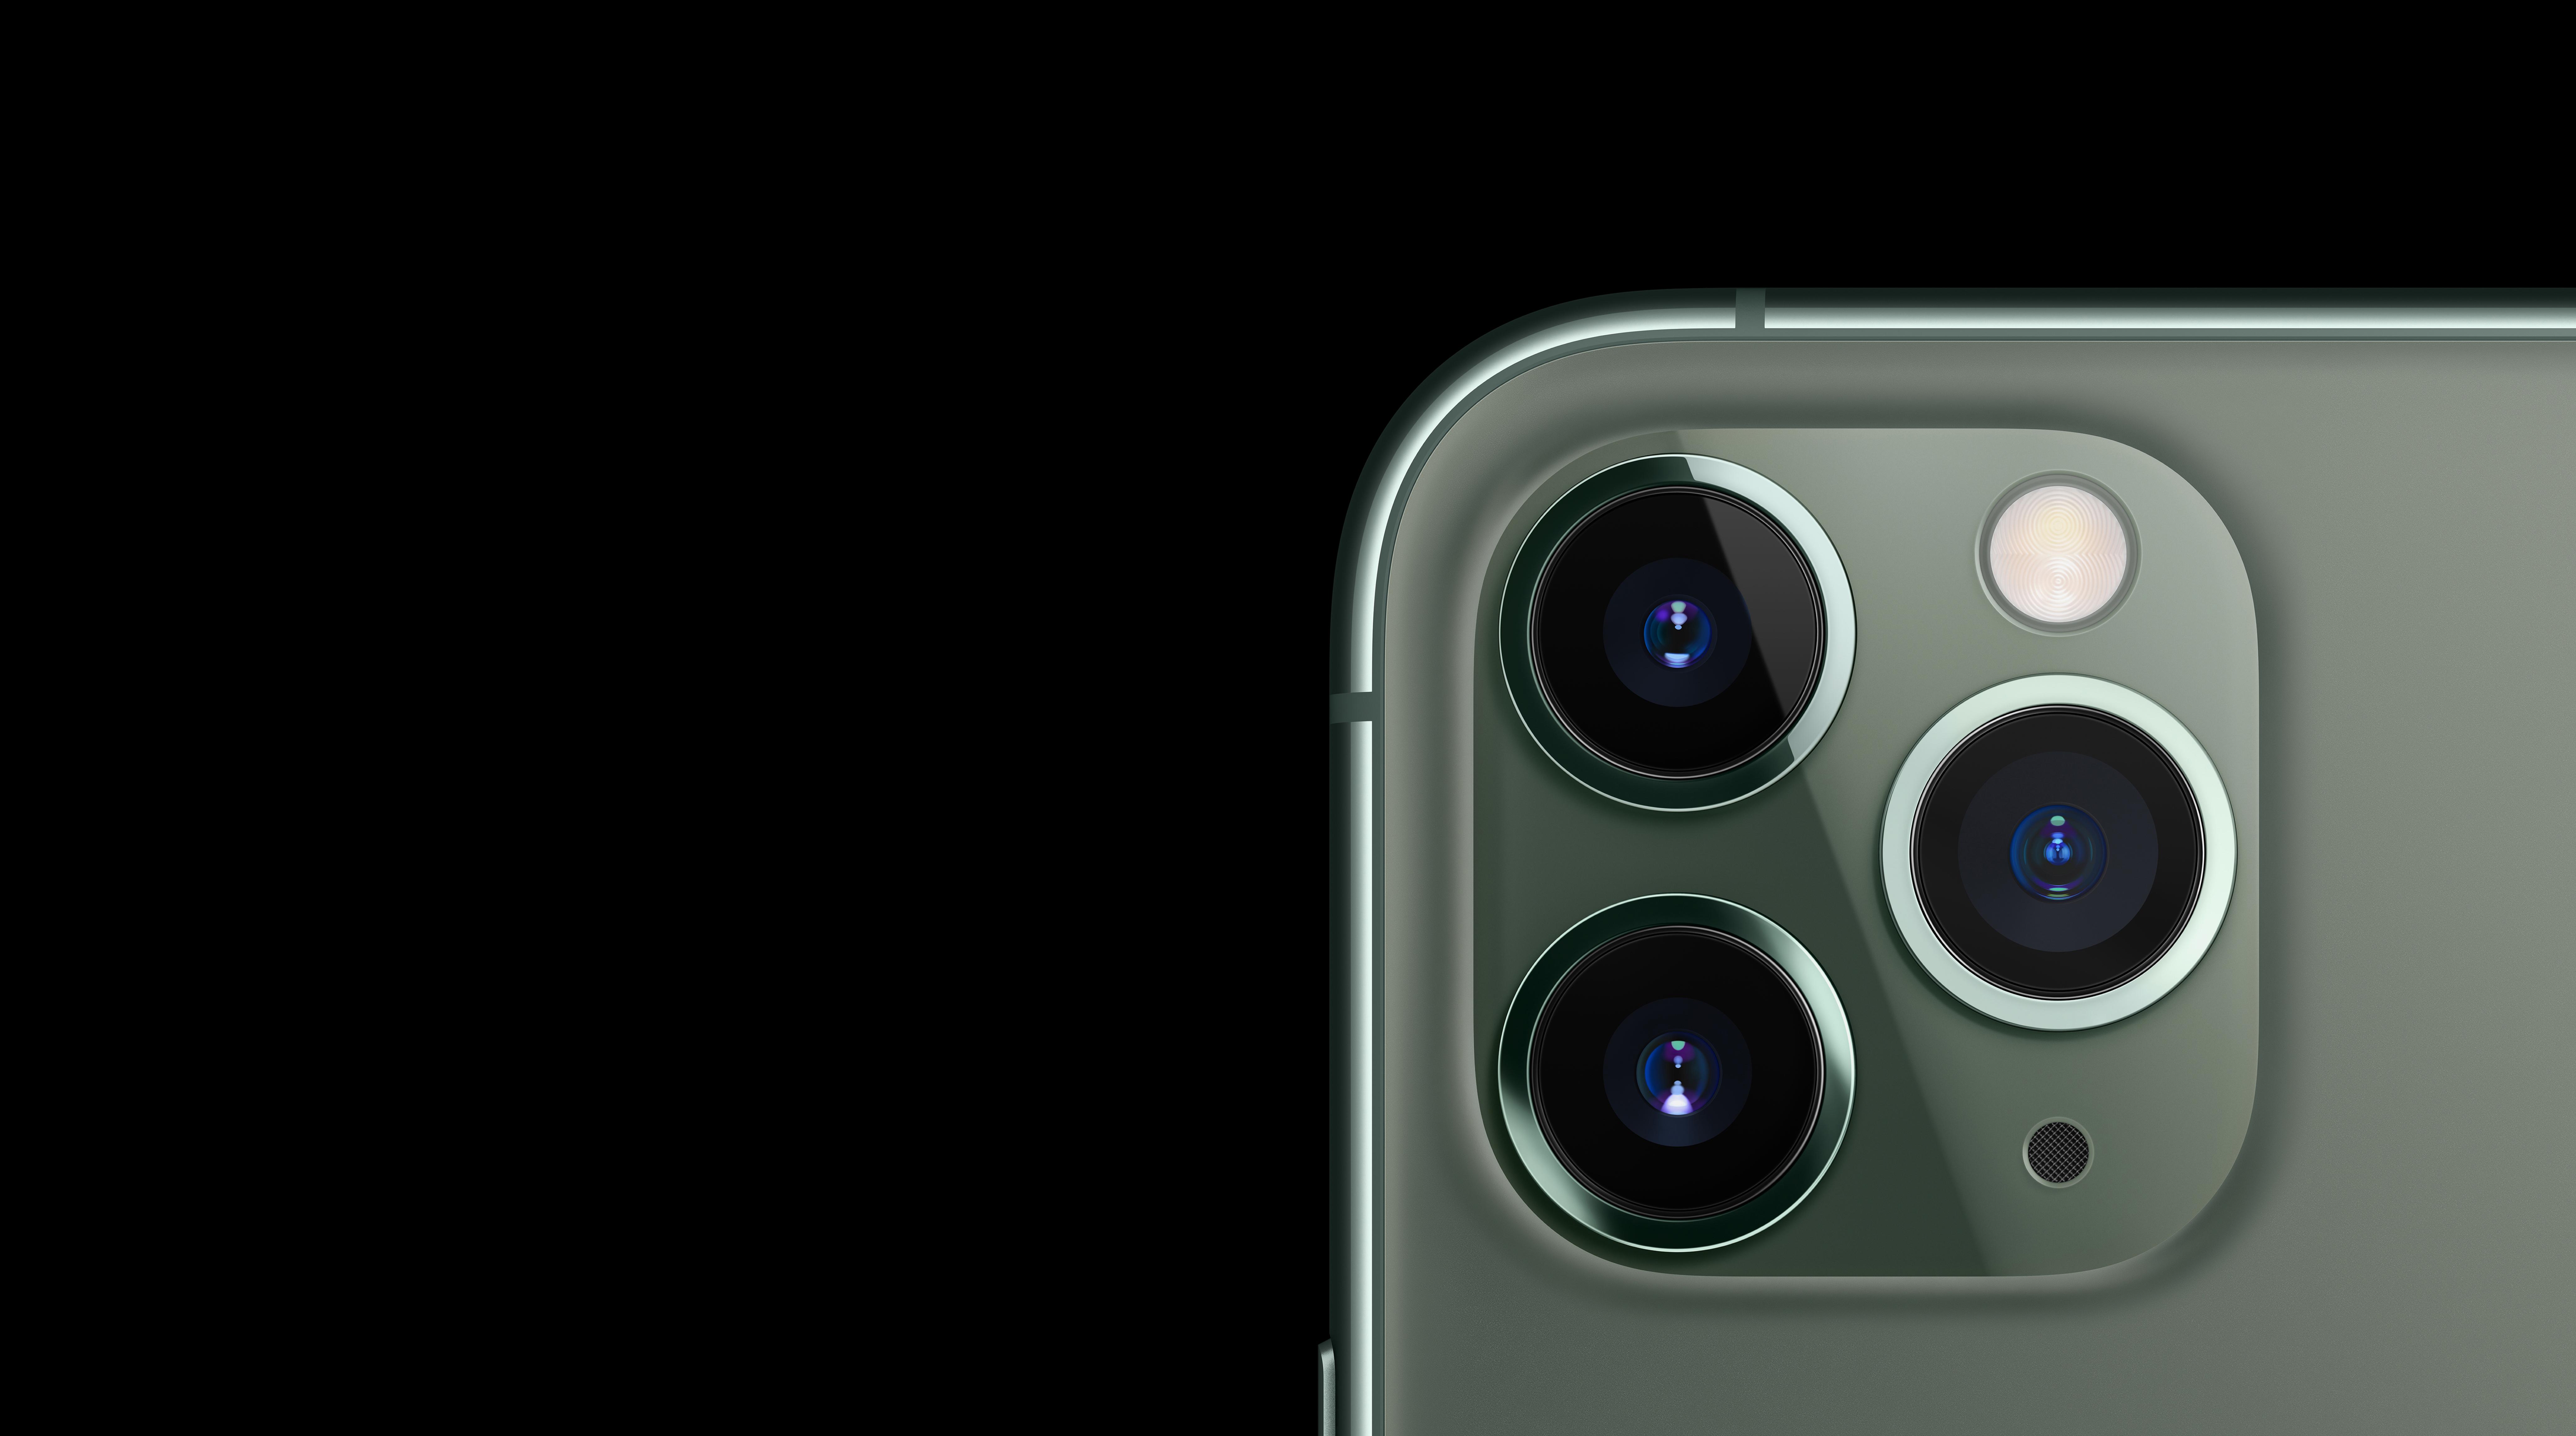 Wat heeft de iPhone 11 Pro aan drie camera's? iCreate